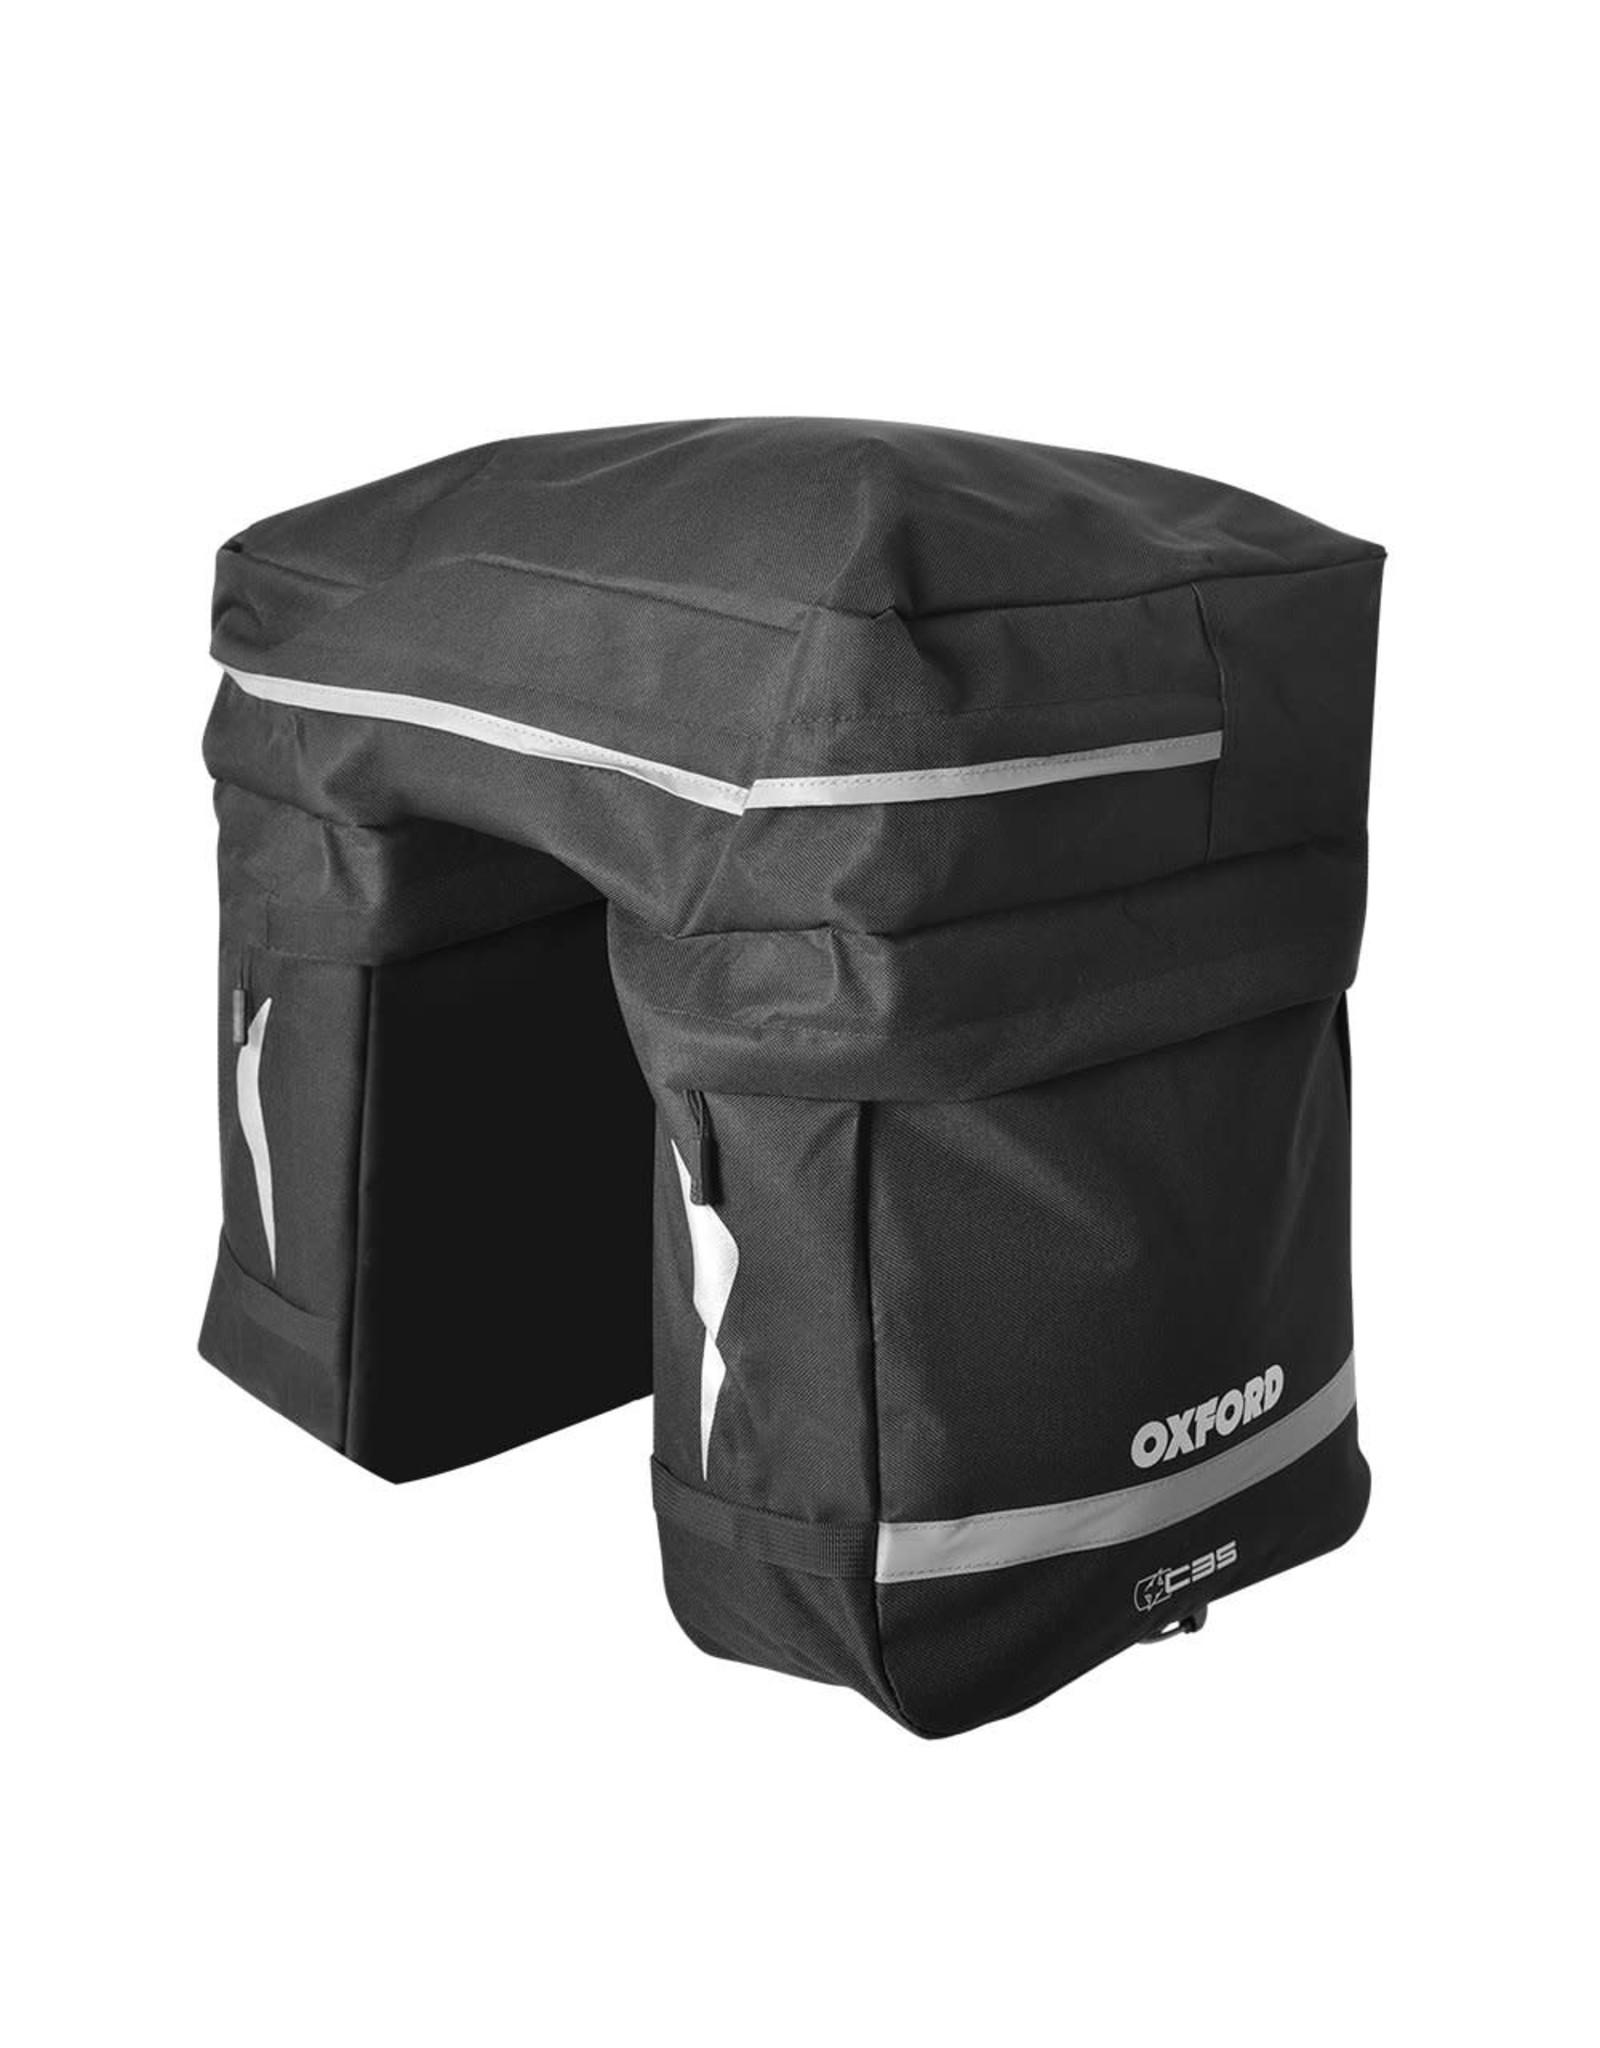 OXFORD C35 TRIPLE PANNIER BAG 35L